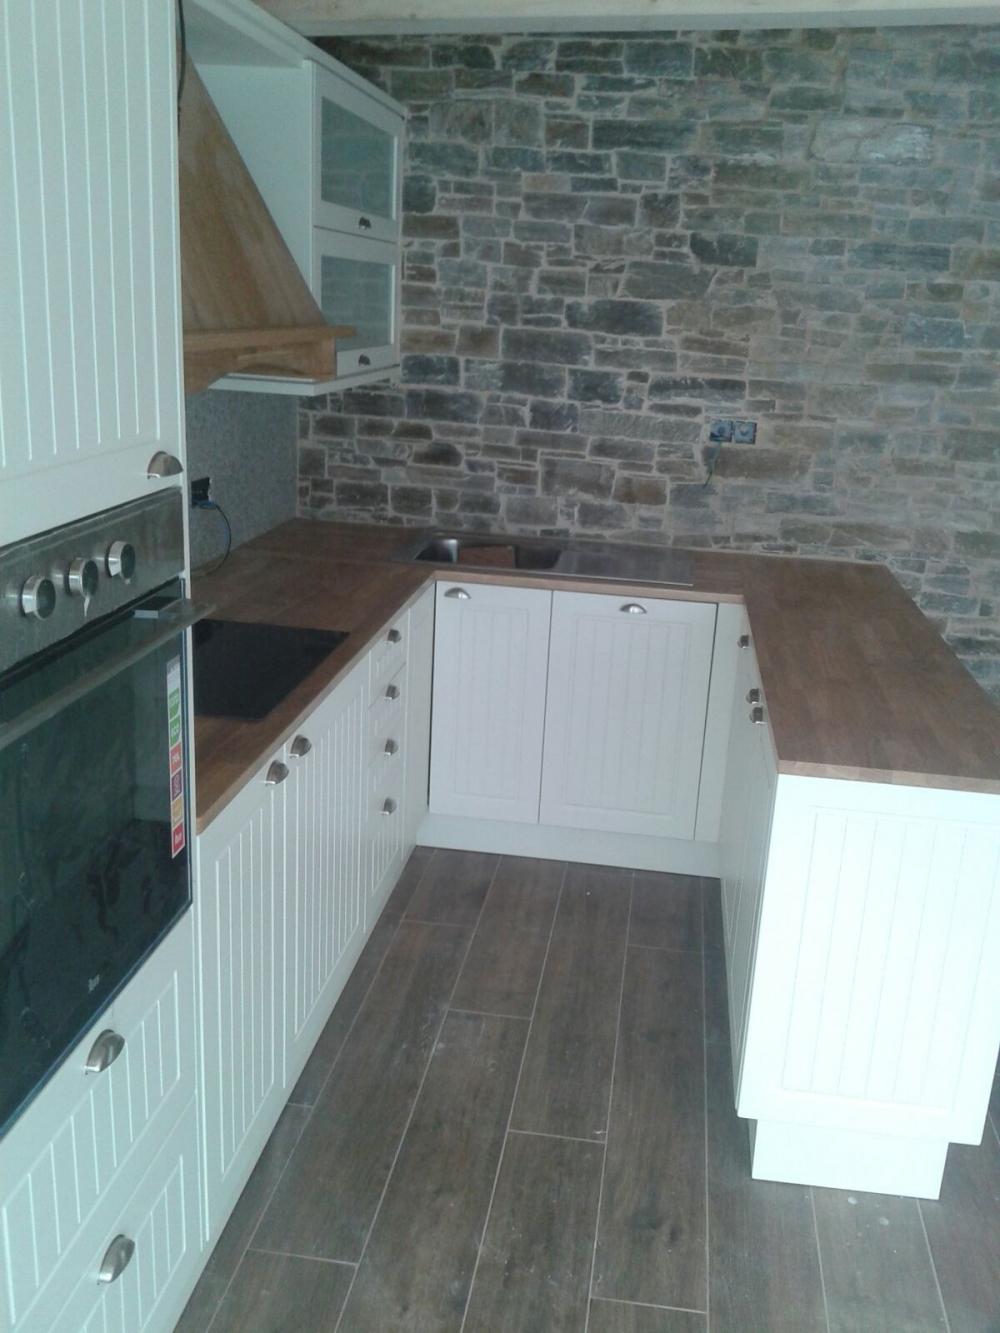 Carpifer, Carpintería De Madera En A Coruña. Muebles De Cocina En A Coruña.